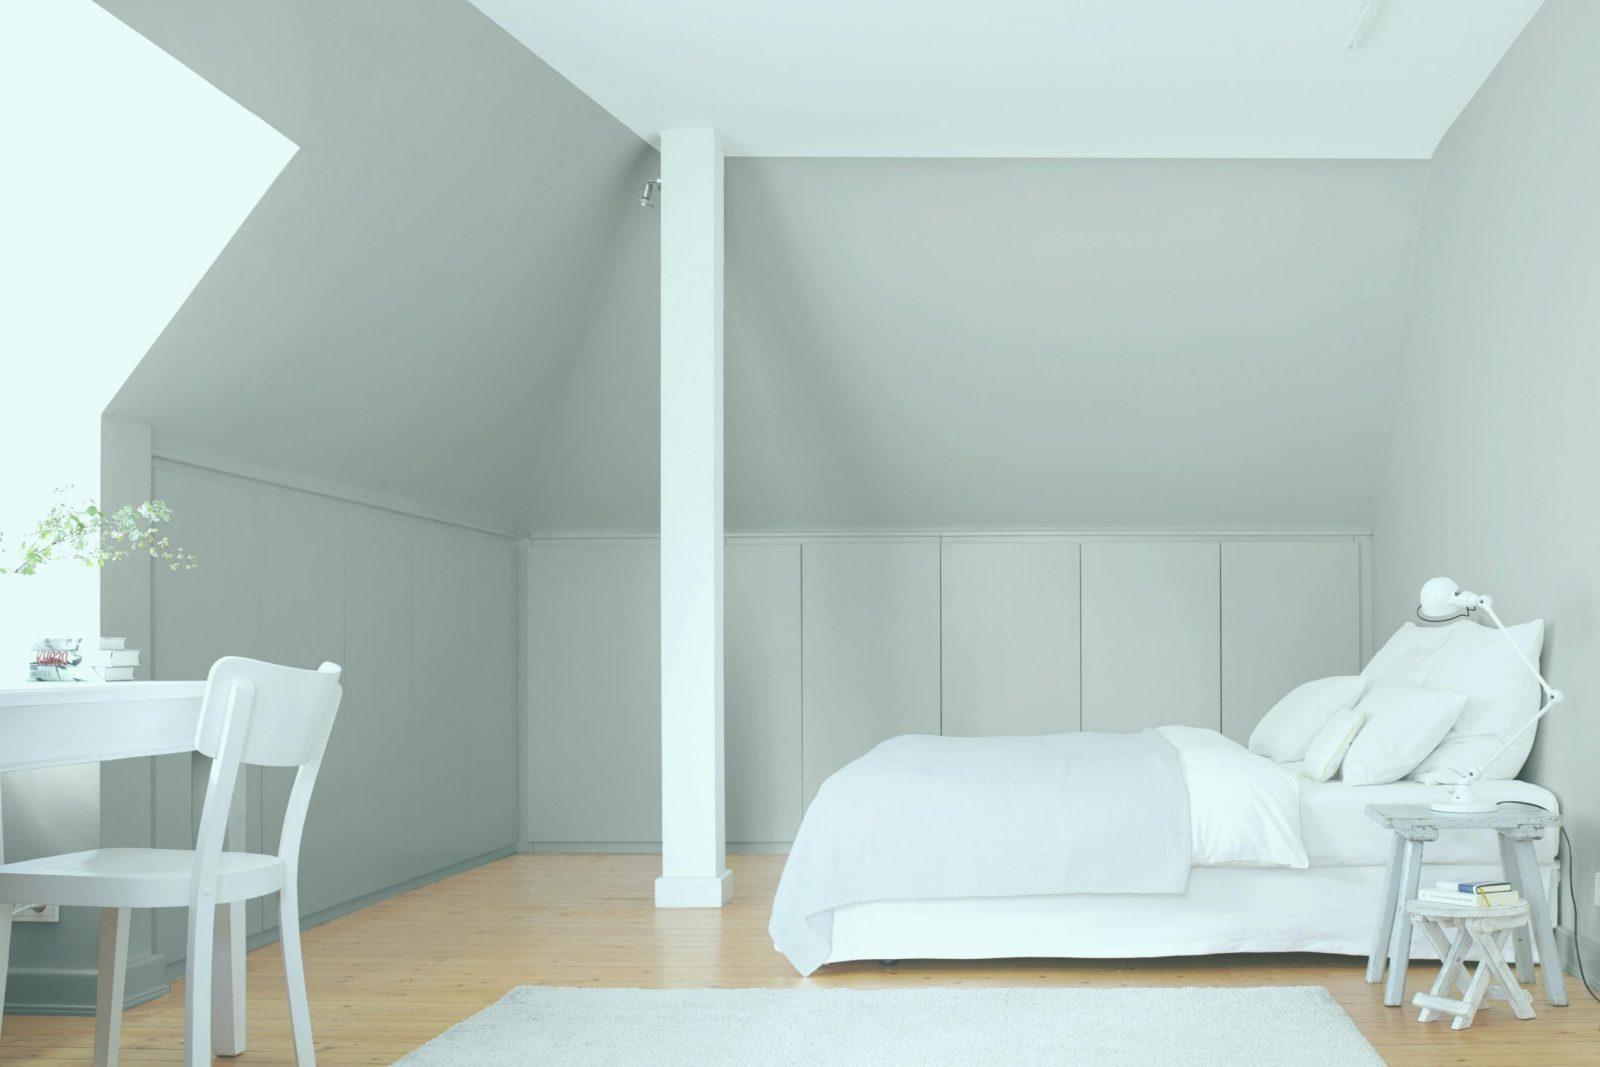 Schlafzimmer Dachschräge Farblich Gestalten Elegant Cool New Oder von Schlafzimmer Mit Dachschräge Farblich Gestalten Photo